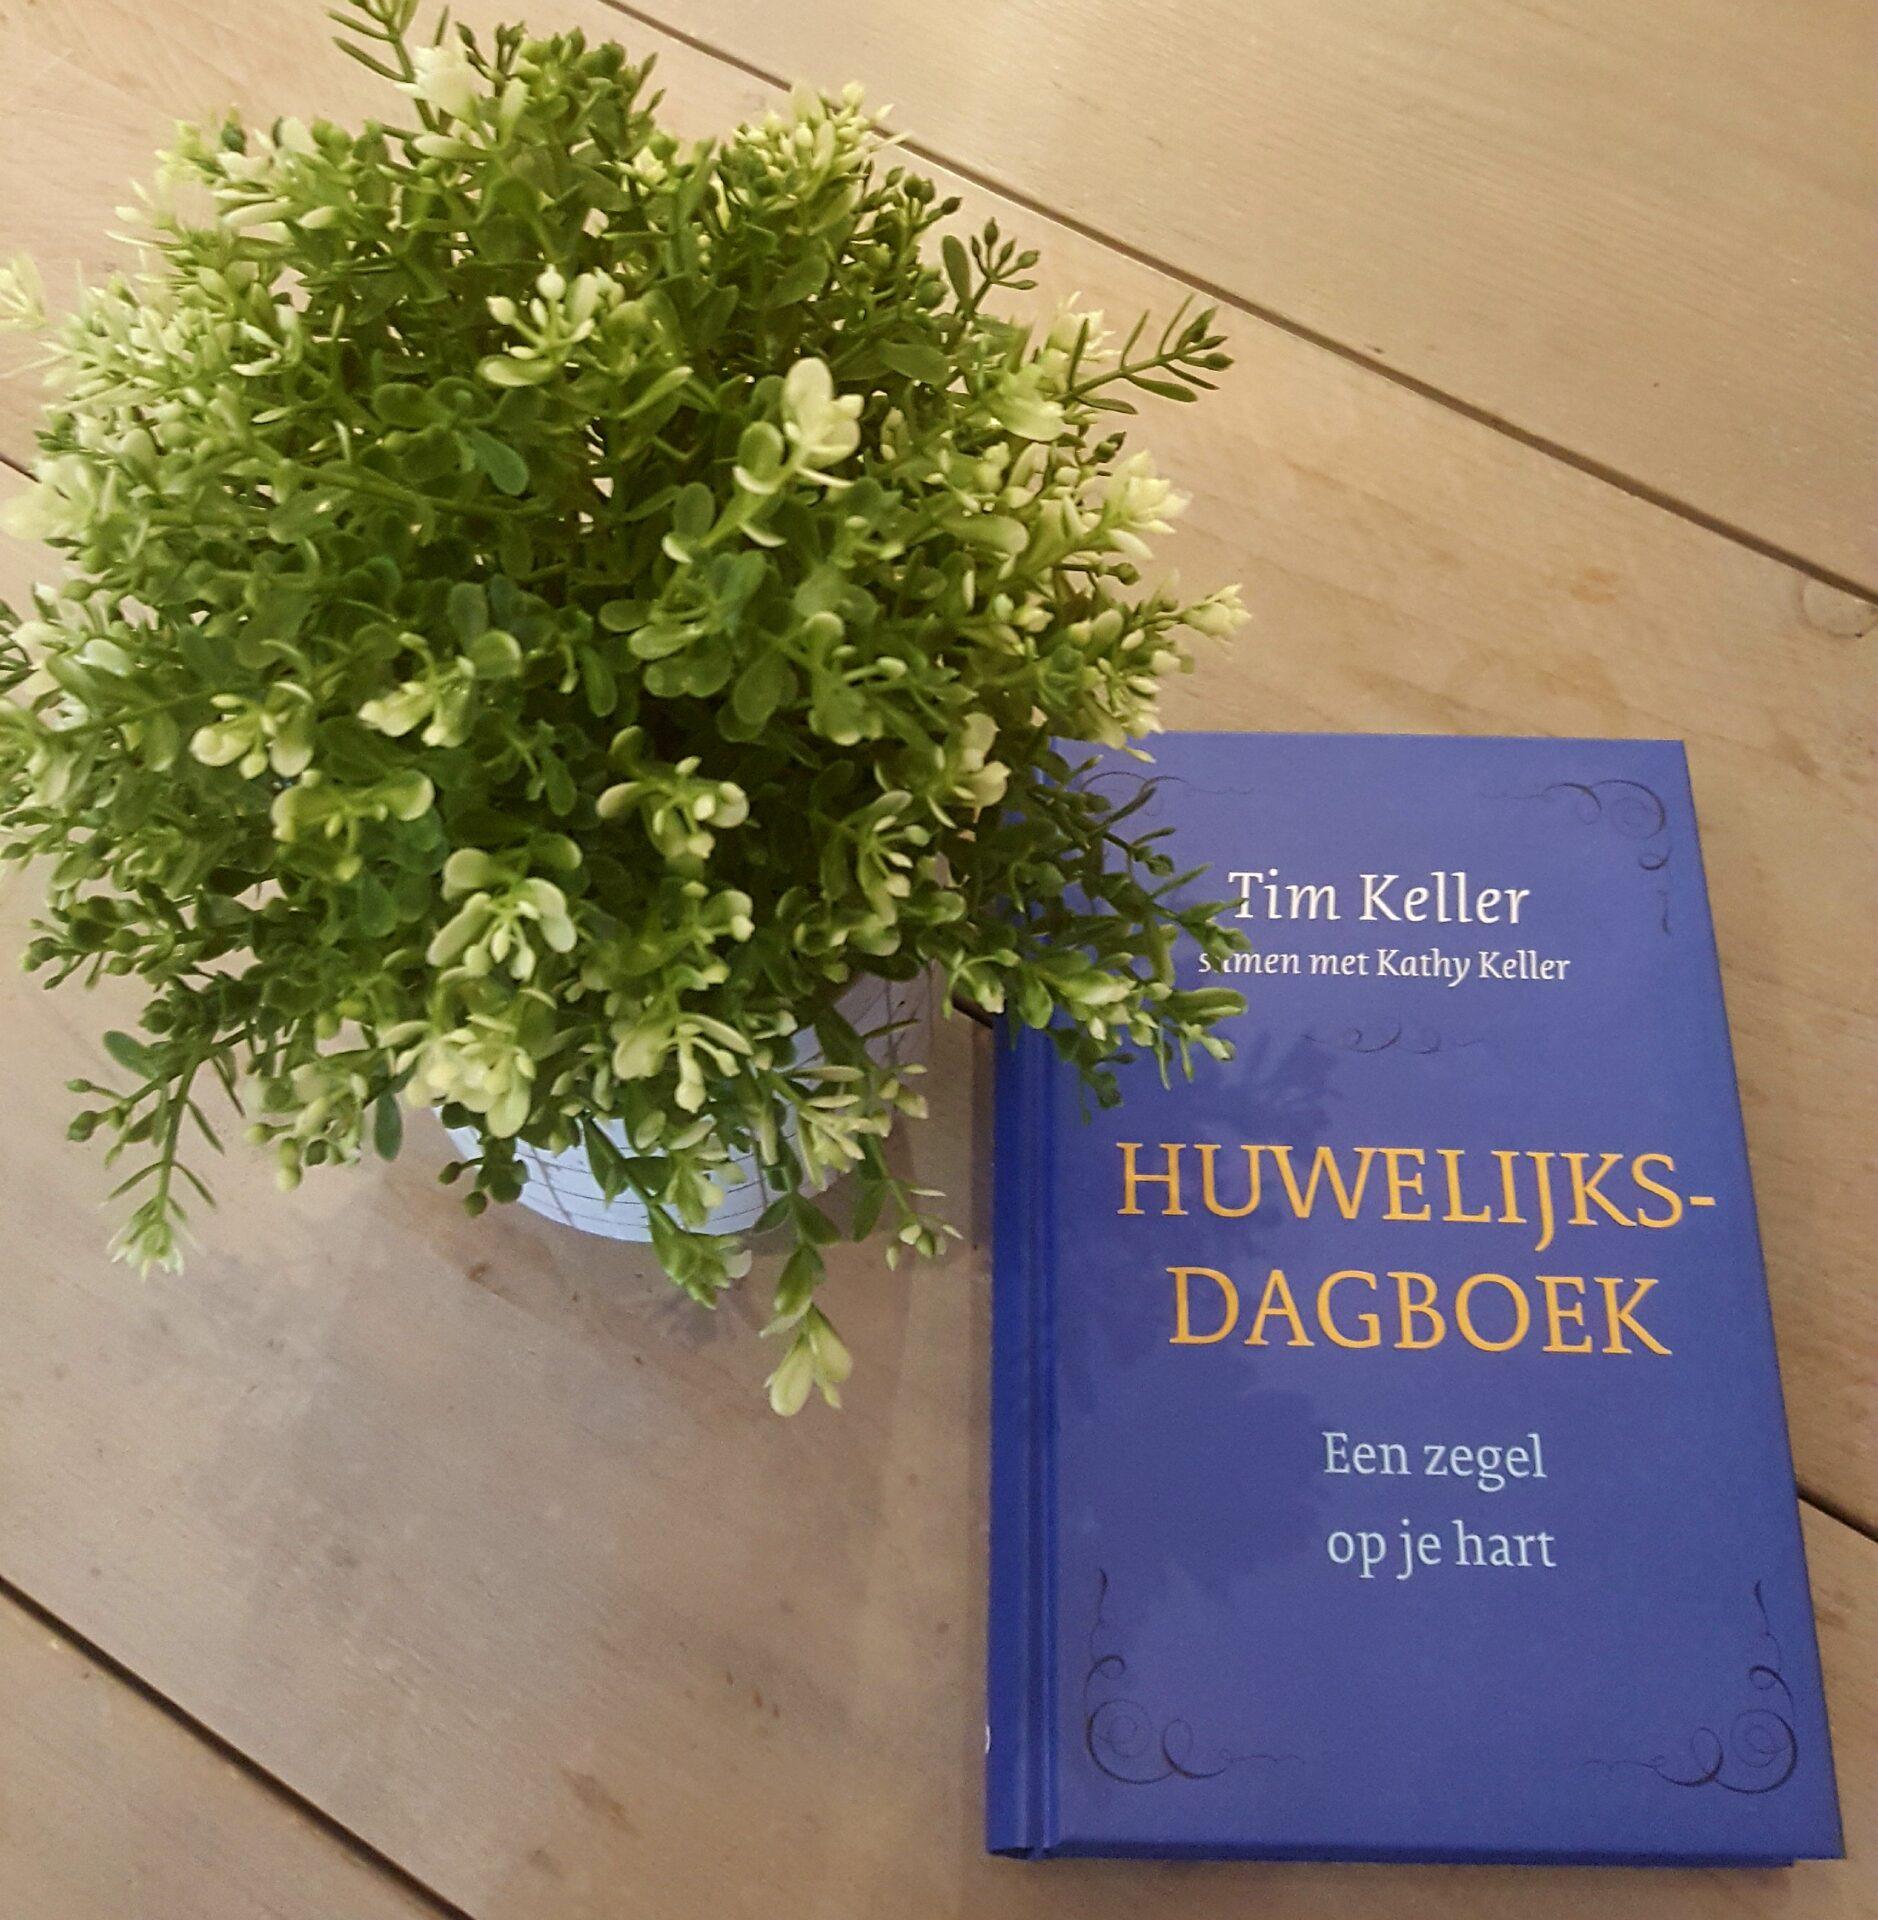 Huwelijksdagboek, Een zegel op je hart – Tim & Kathy Keller